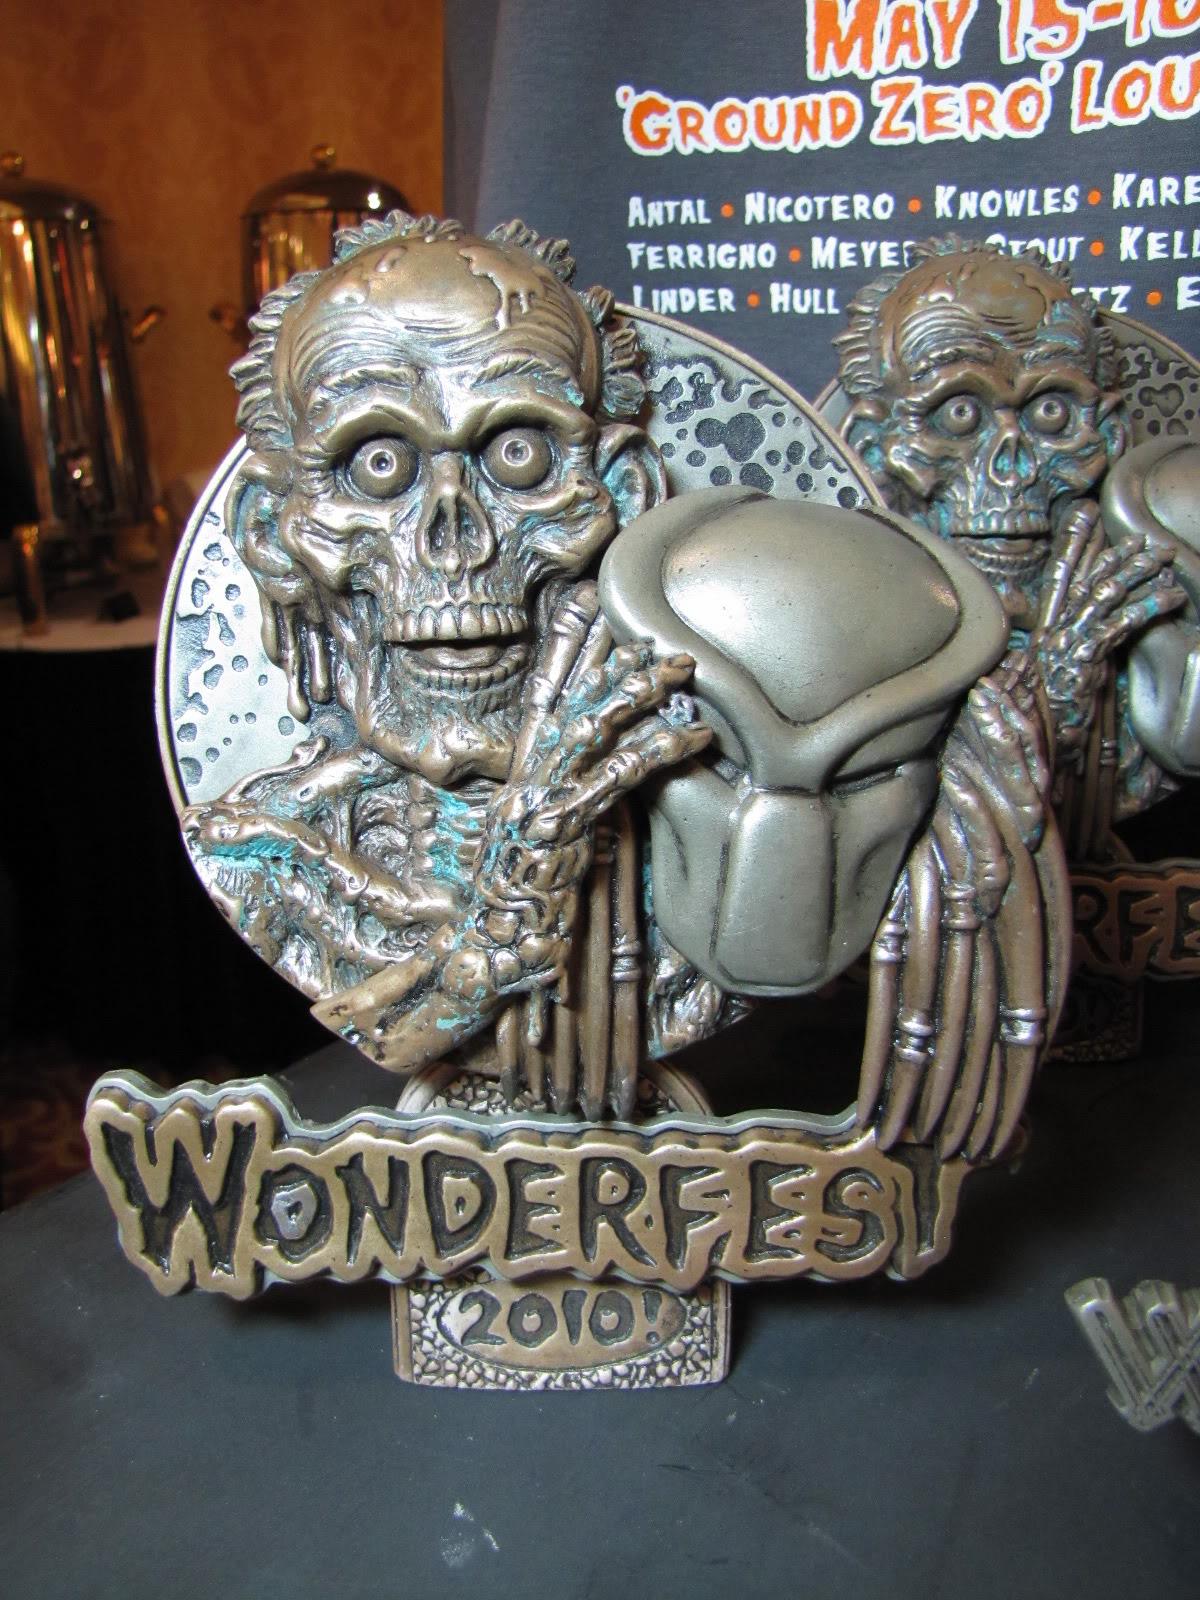 Wonderfest 2010 IMG_2812